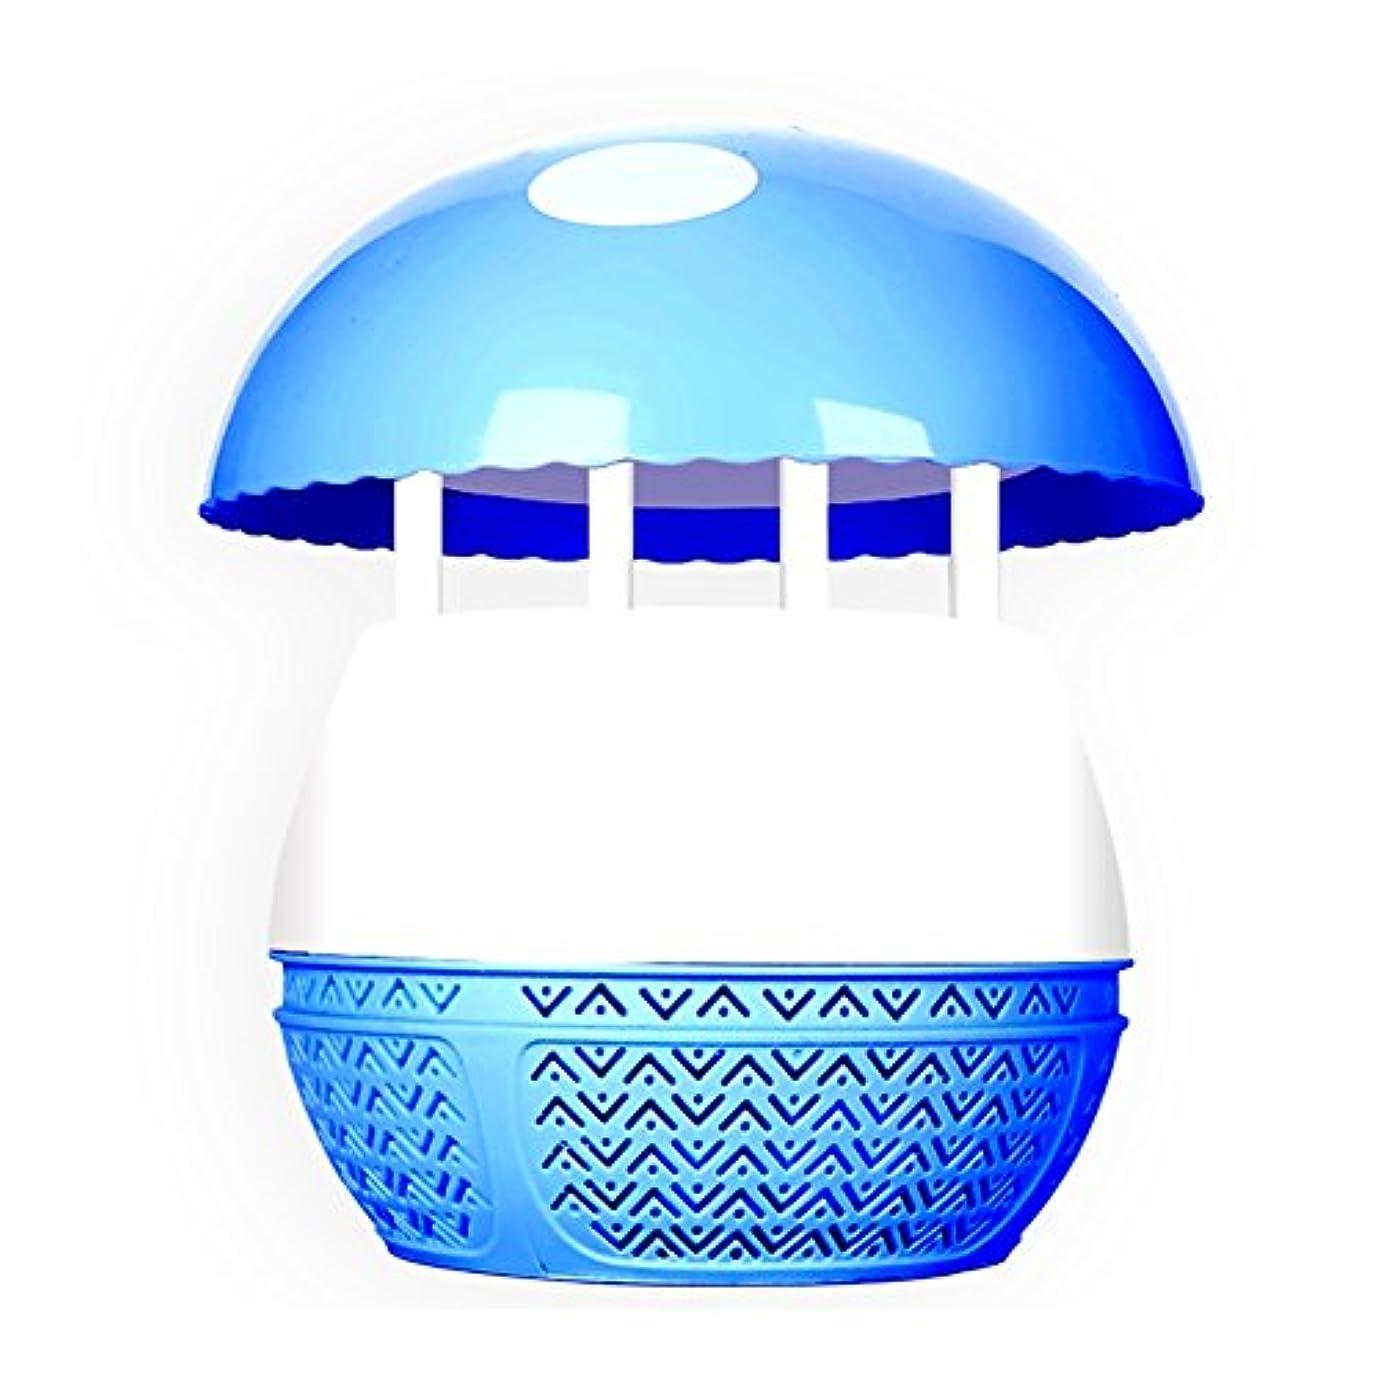 ヒット配るパークWENZHE 蚊対策 殺虫器灯 誘虫灯 虫除け インドア サイレント 放射線なし 吸入タイプ モスキートキャッチャー 省エネルギー 省電力、 2色、 155×173mm (色 : 青)